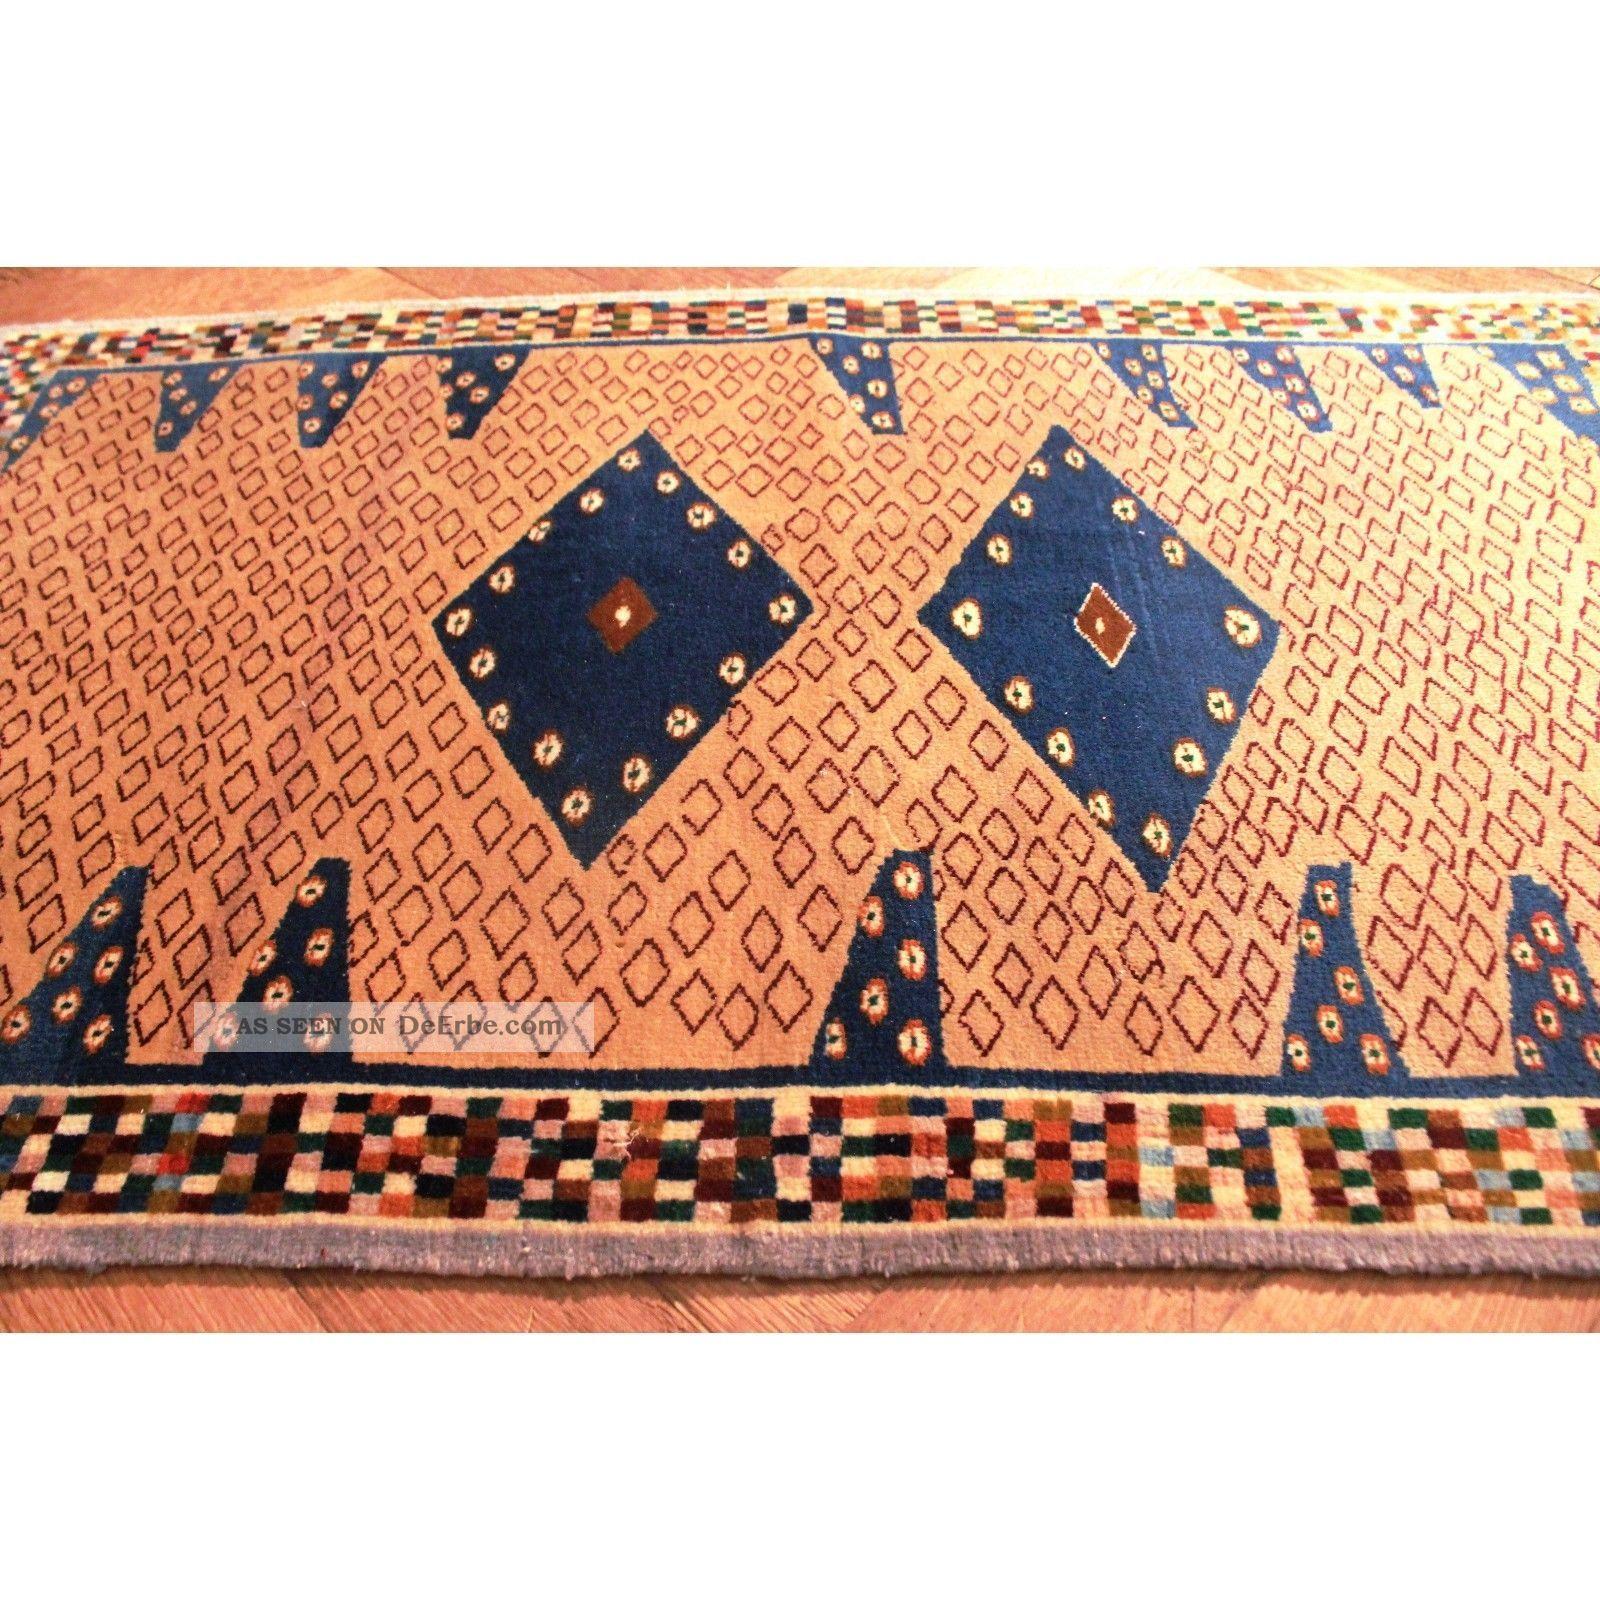 Sehr Feiner Handgeknüpfter Orient Teppich Lori Carpet